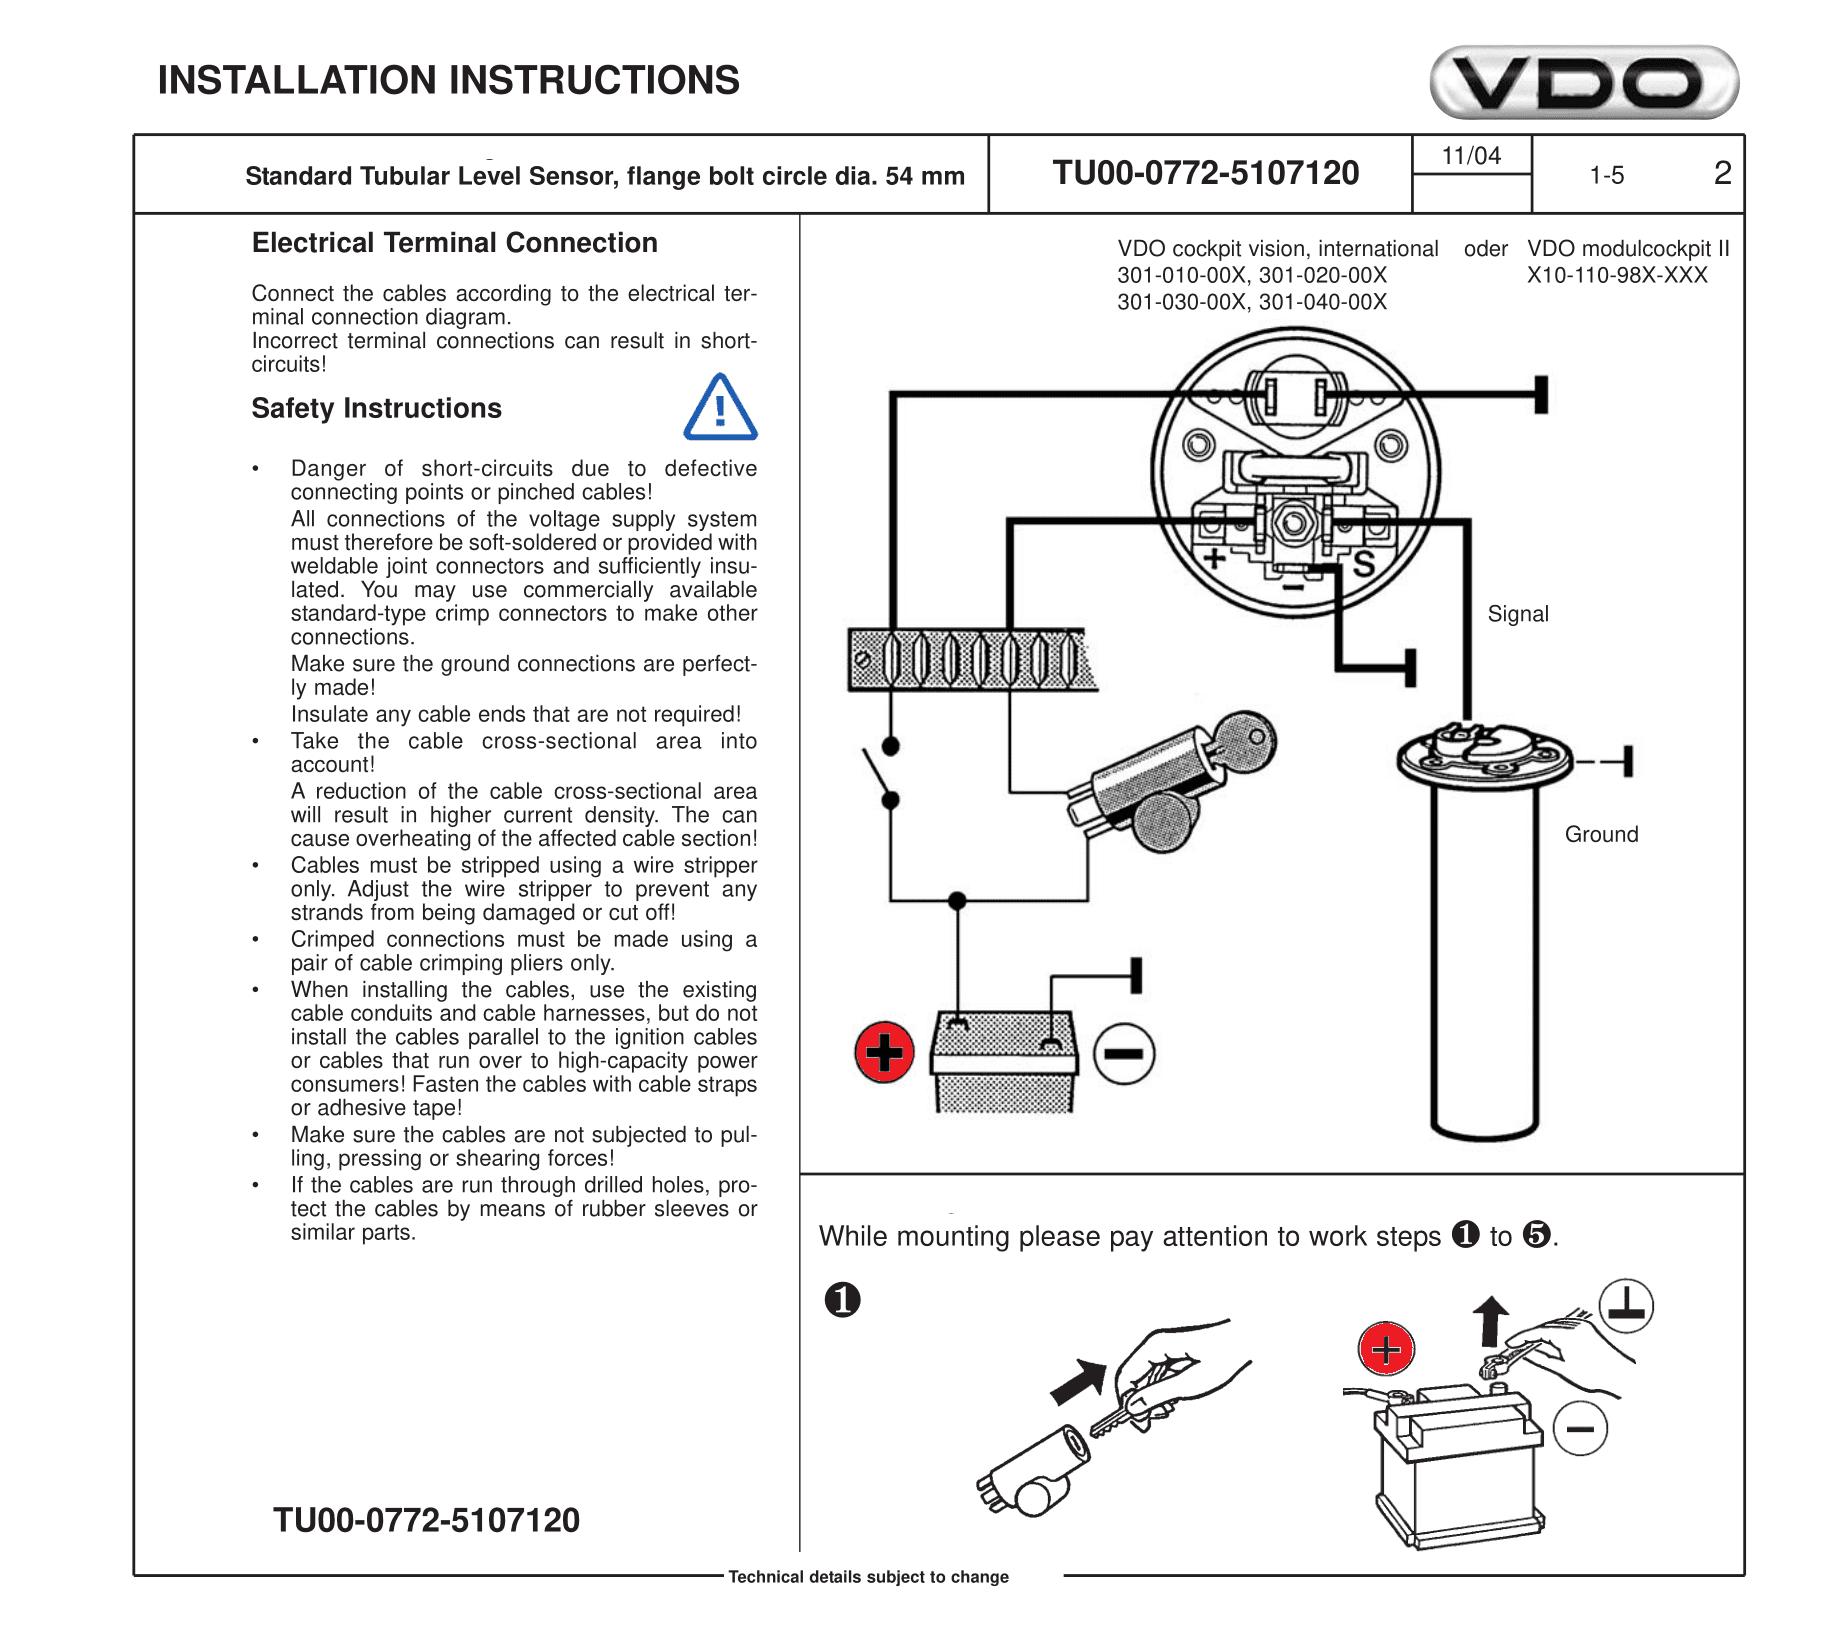 vdo gauge wiring diagram voltage vdo fuel gauge wiring e4 wiring diagram  vdo fuel gauge wiring e4 wiring diagram